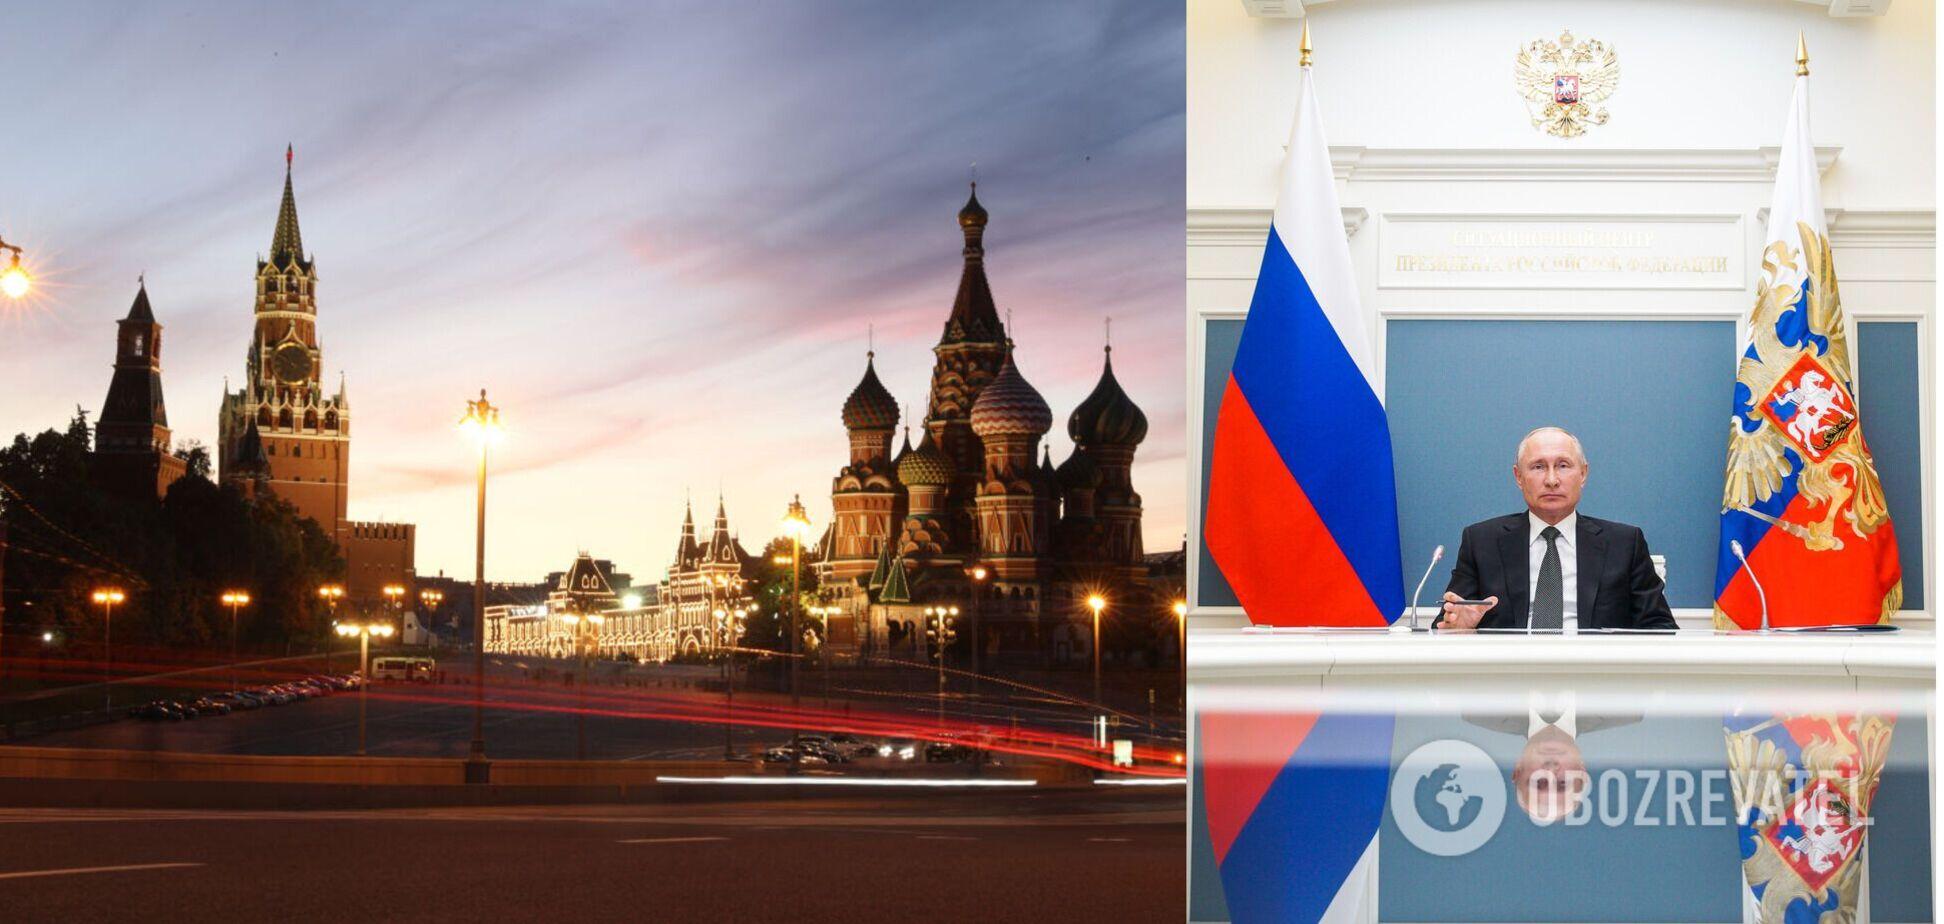 Речь Путина подтвердила сложное положение в России